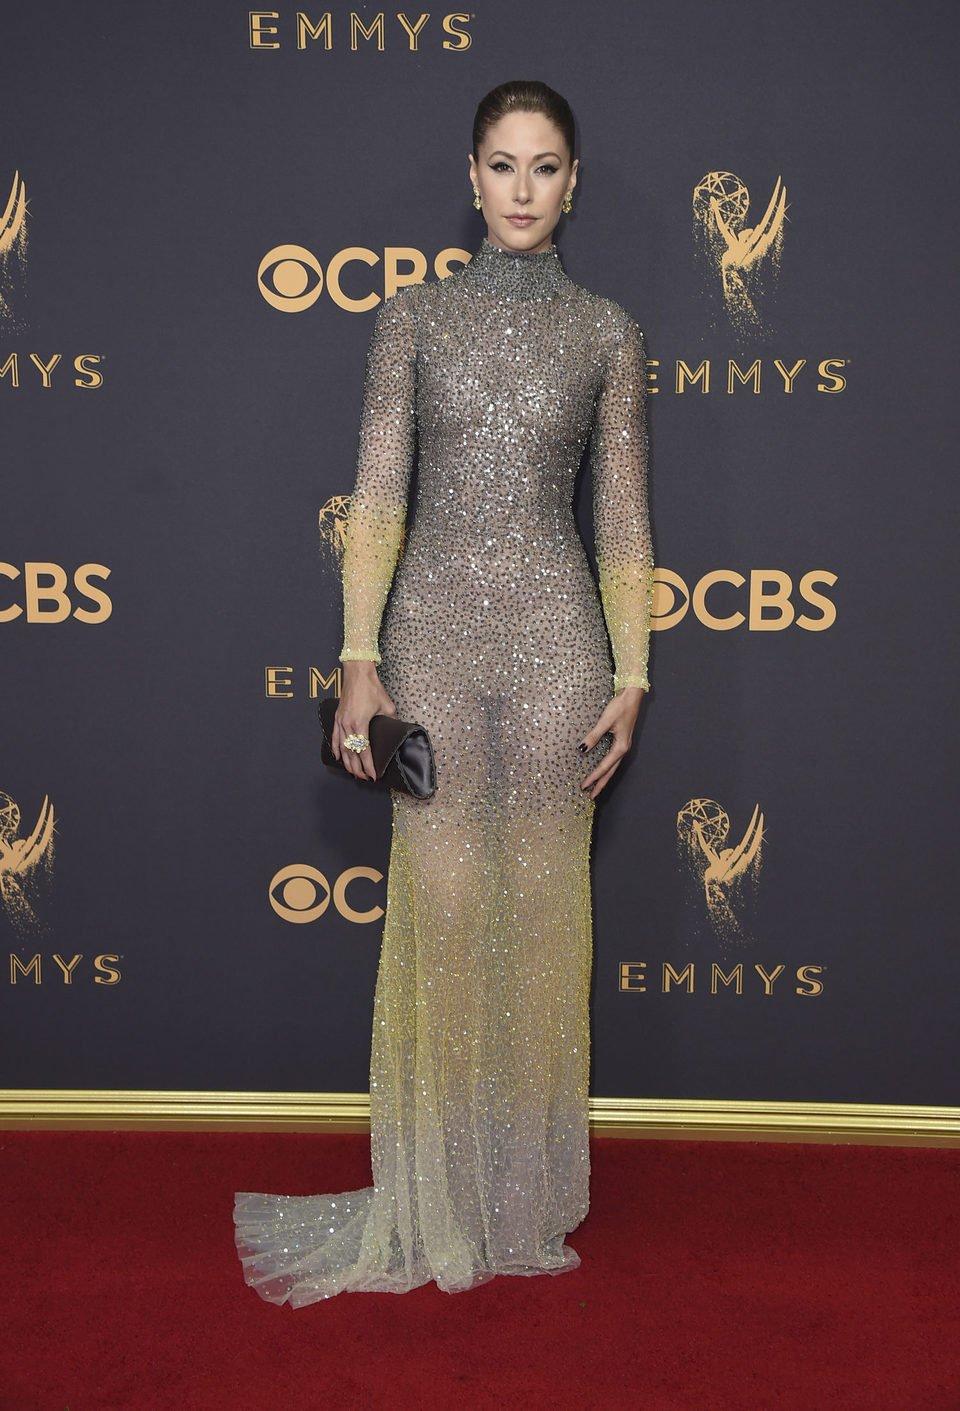 Amanda Crew en la alfombra roja de los Emmy 2017